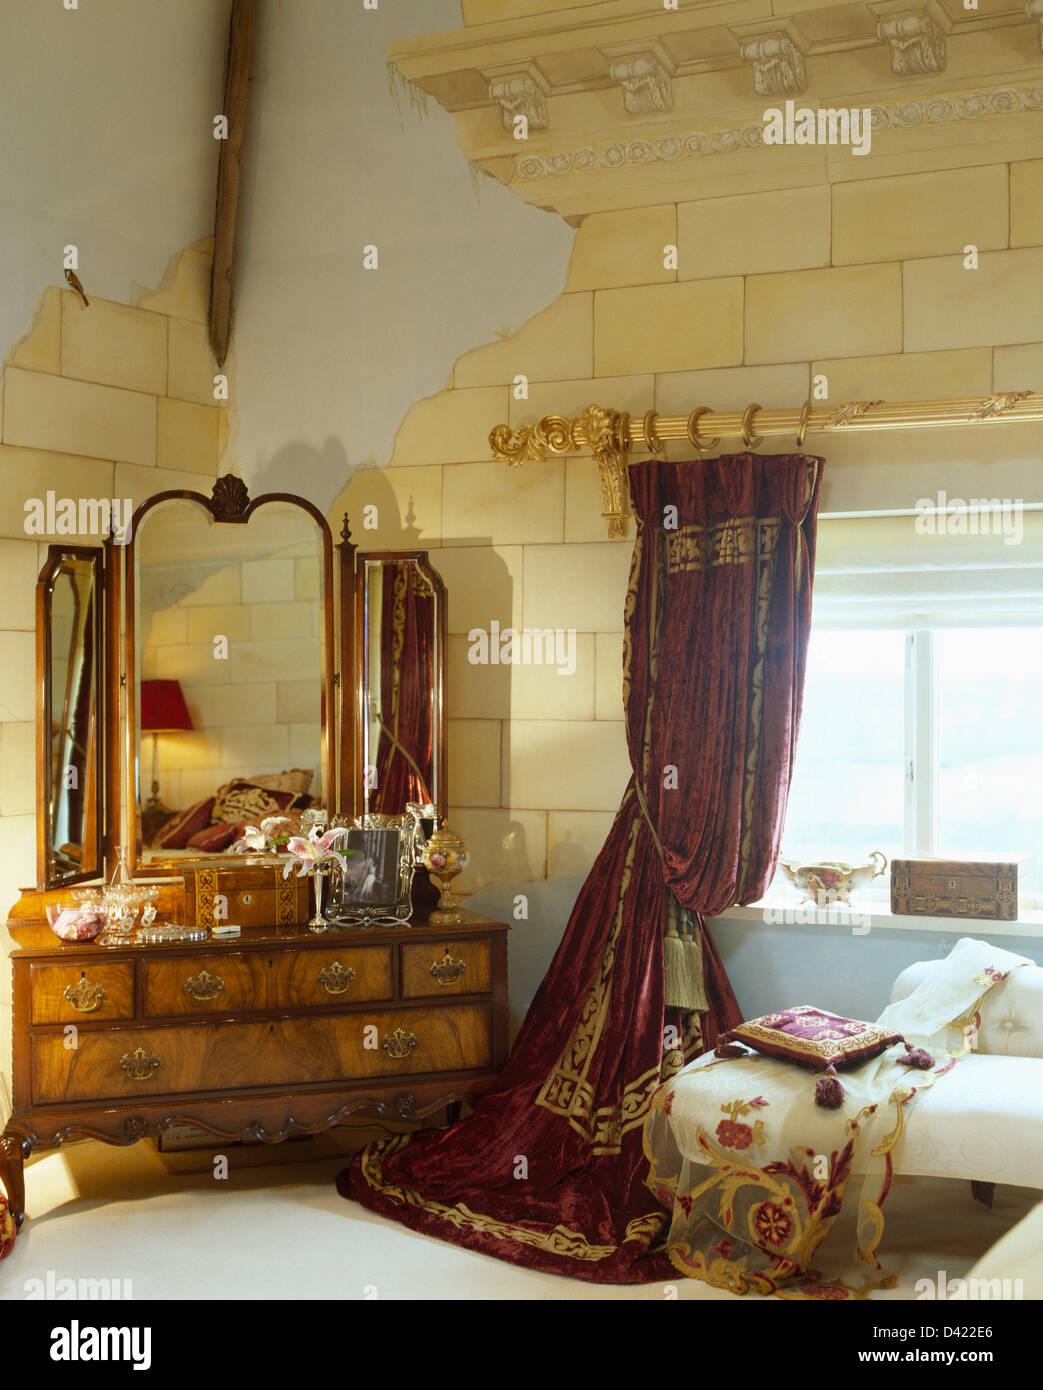 Coiffeuse Ancienne Avec Miroir Triple Dans Chambre Avec